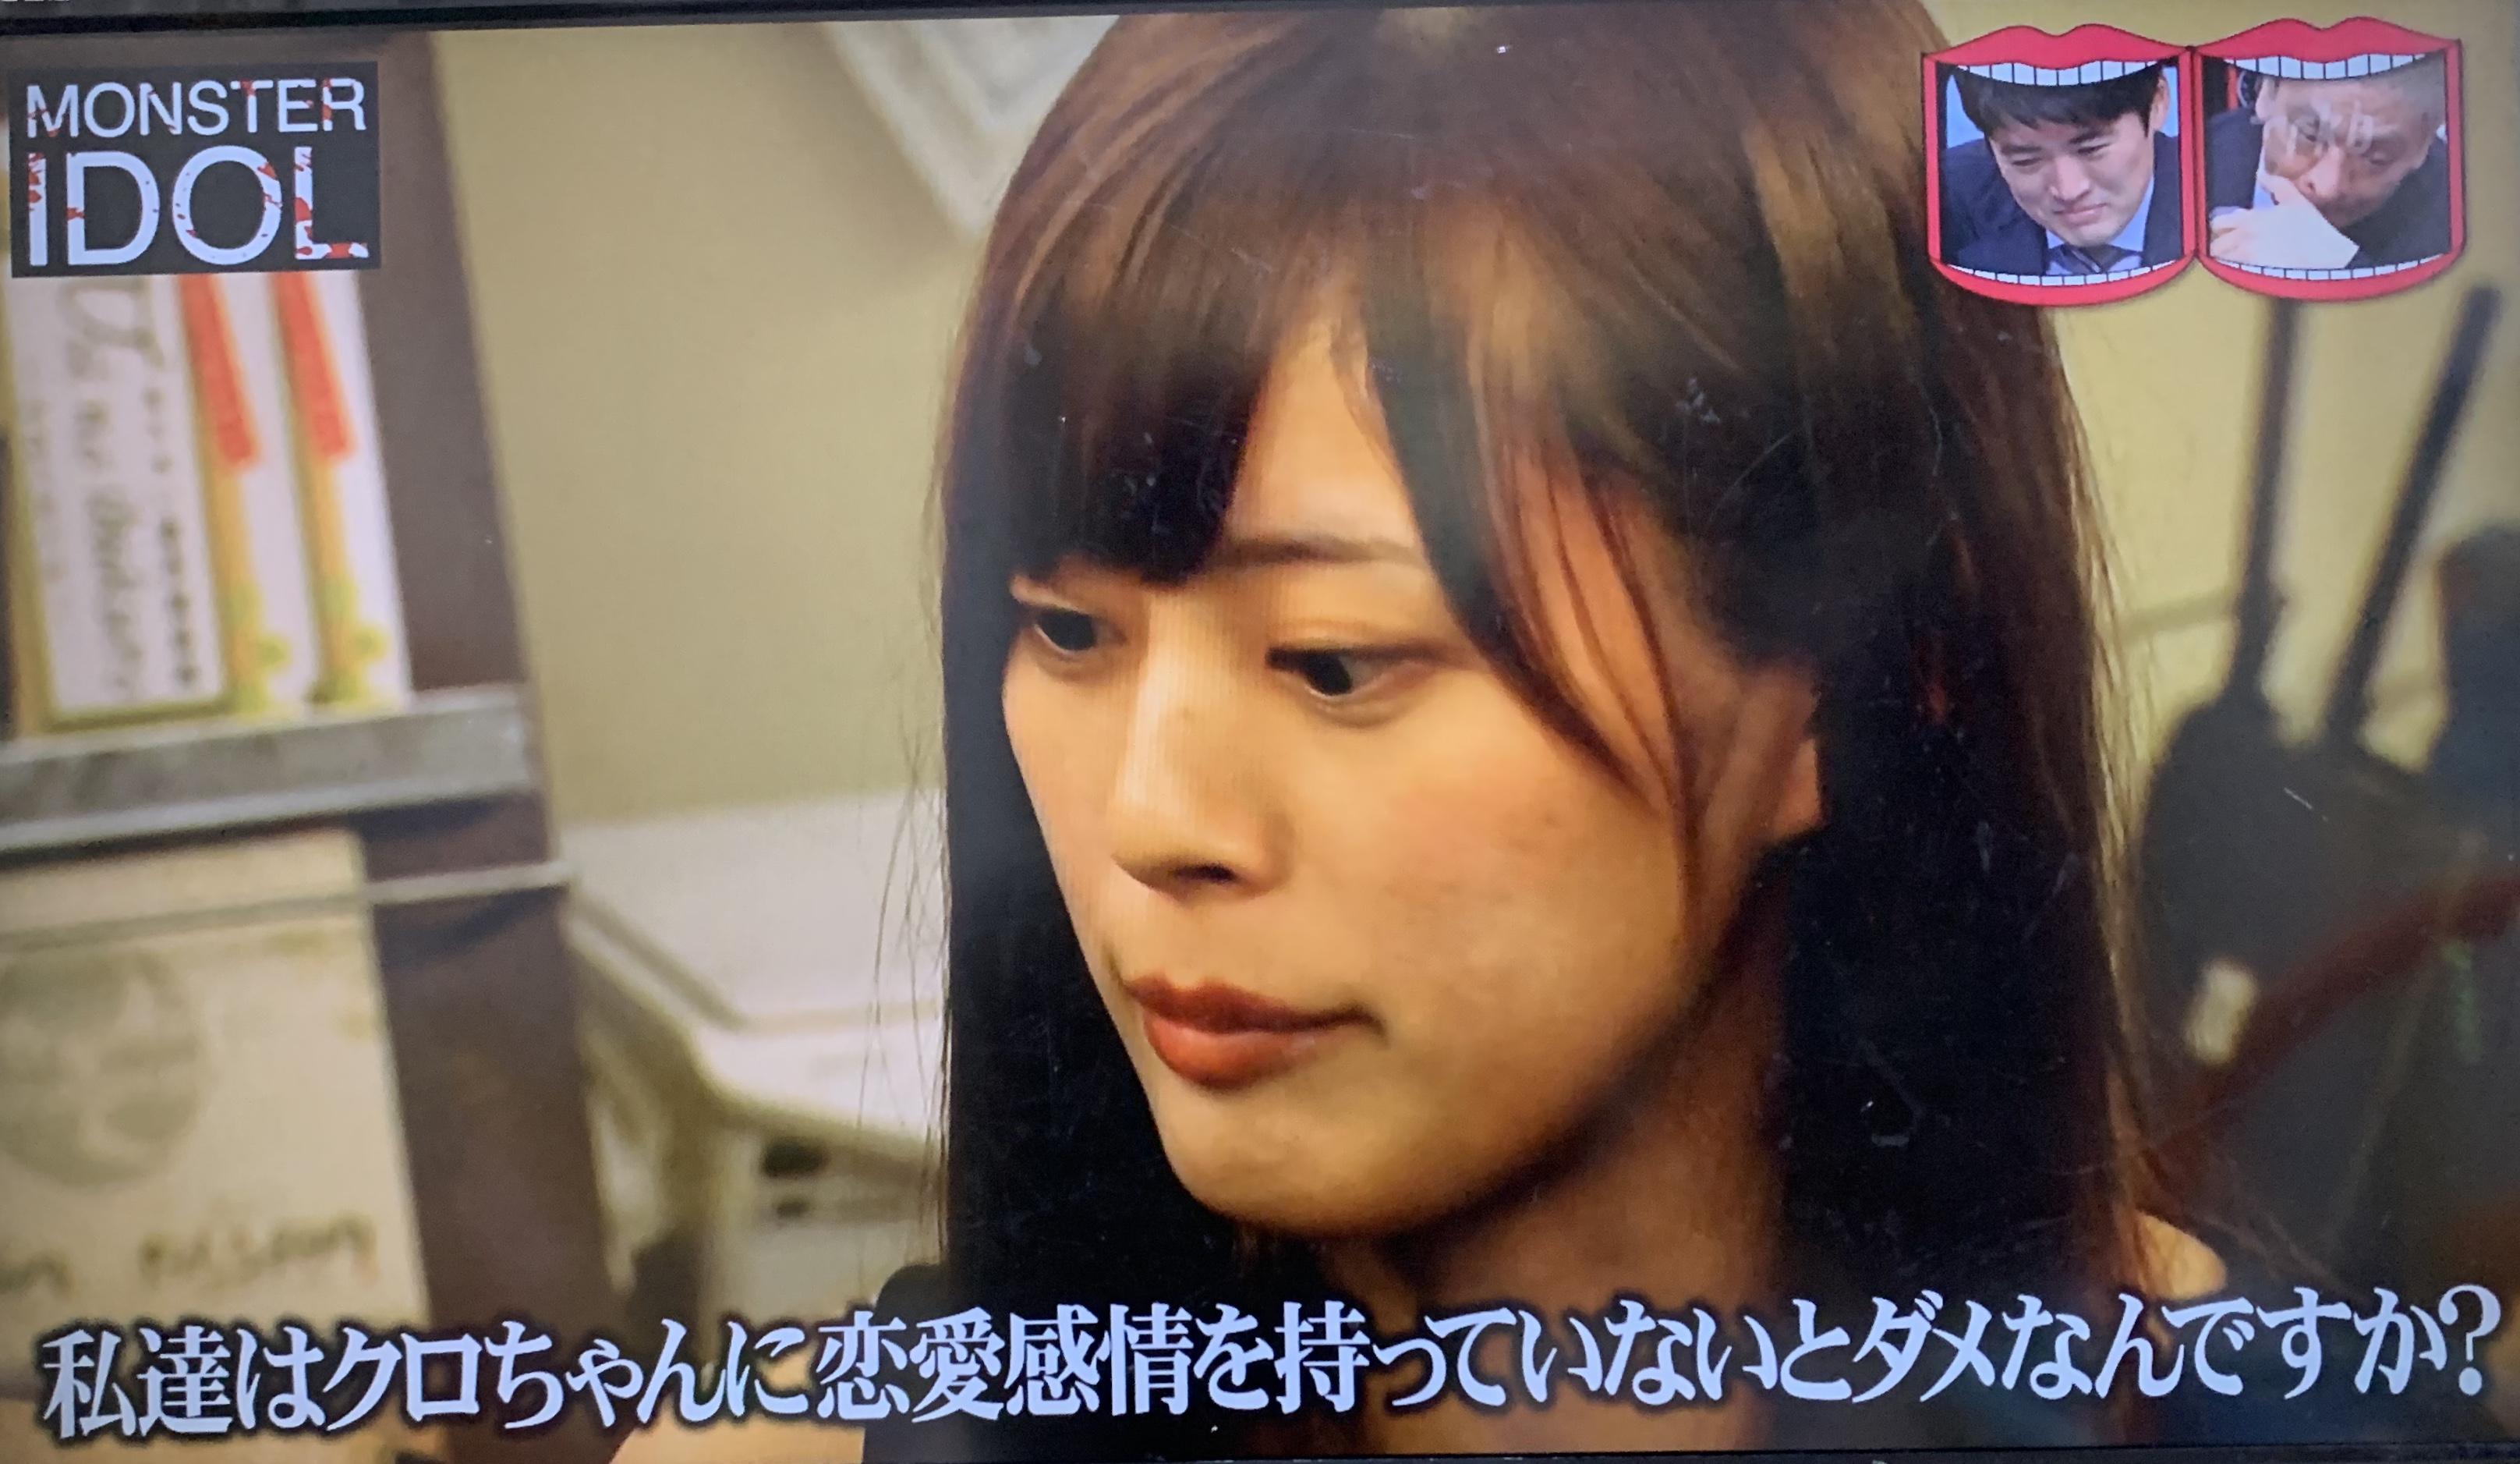 モンスター アイドル ナオ